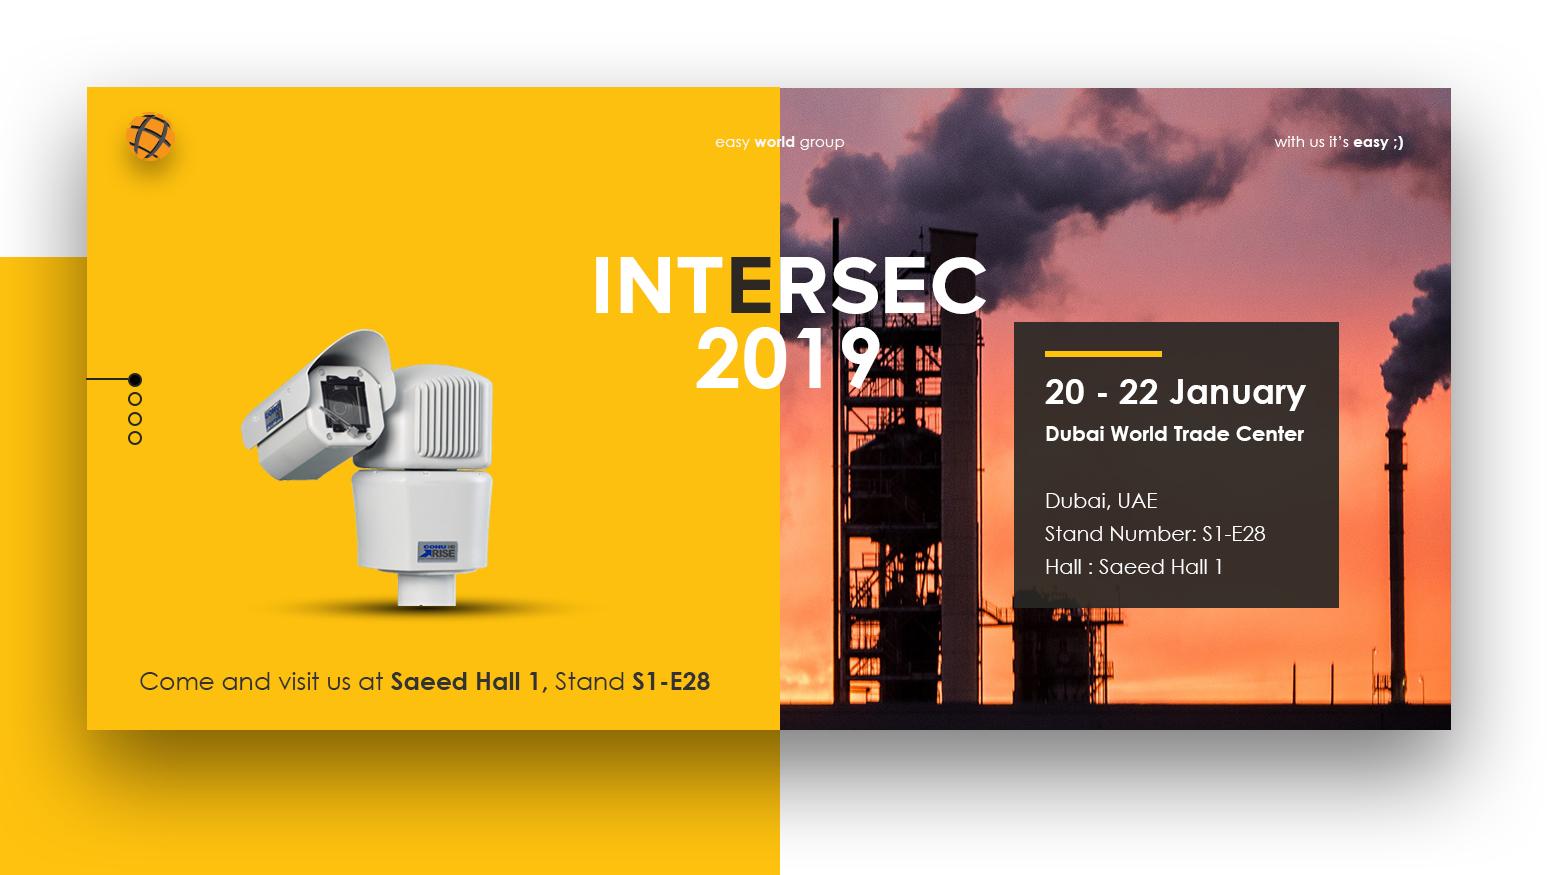 Intersec 2019